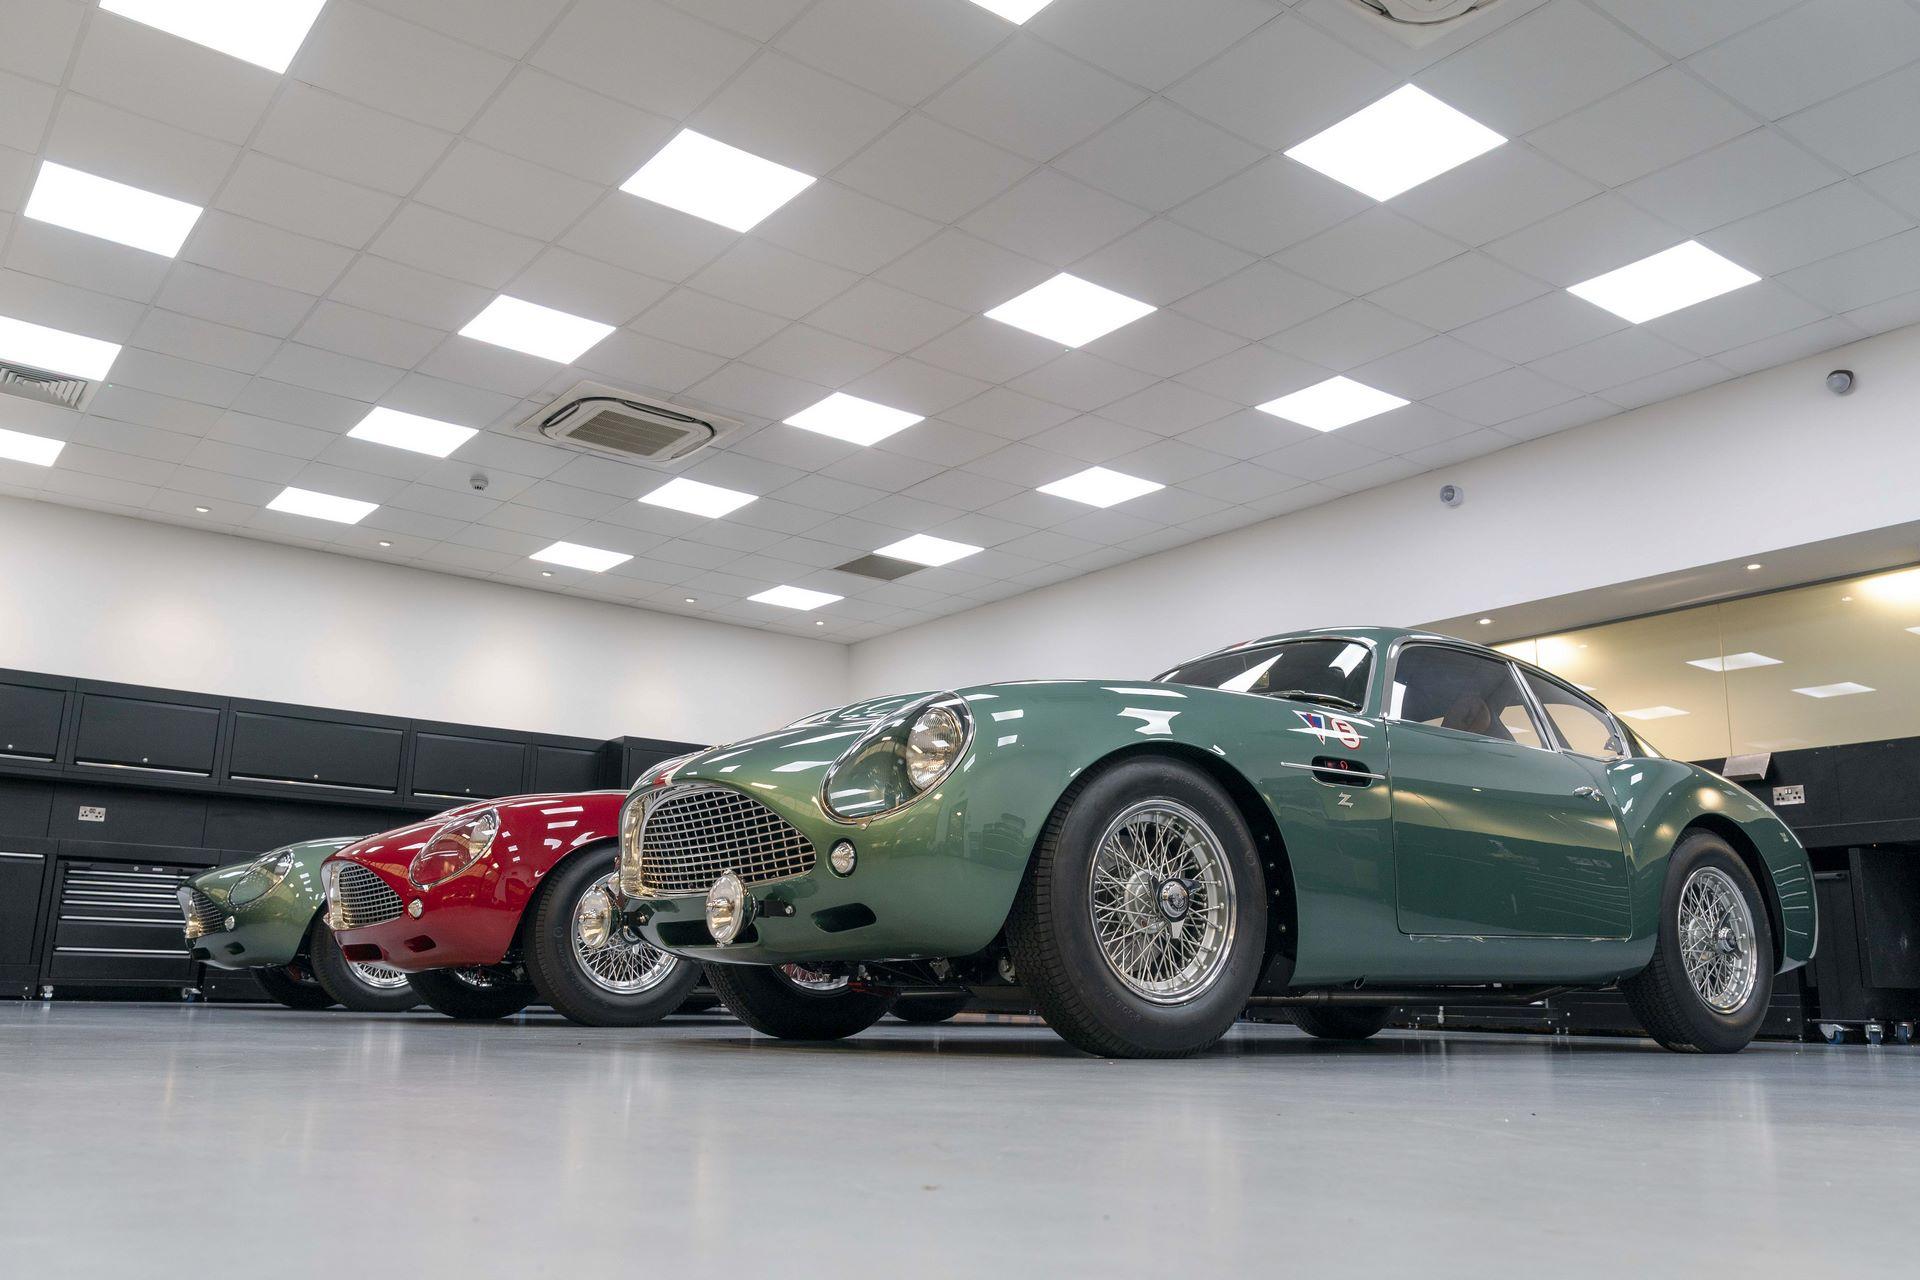 Aston-Martin-DB4-GT-Zagato-Continuation-first-delivery-3